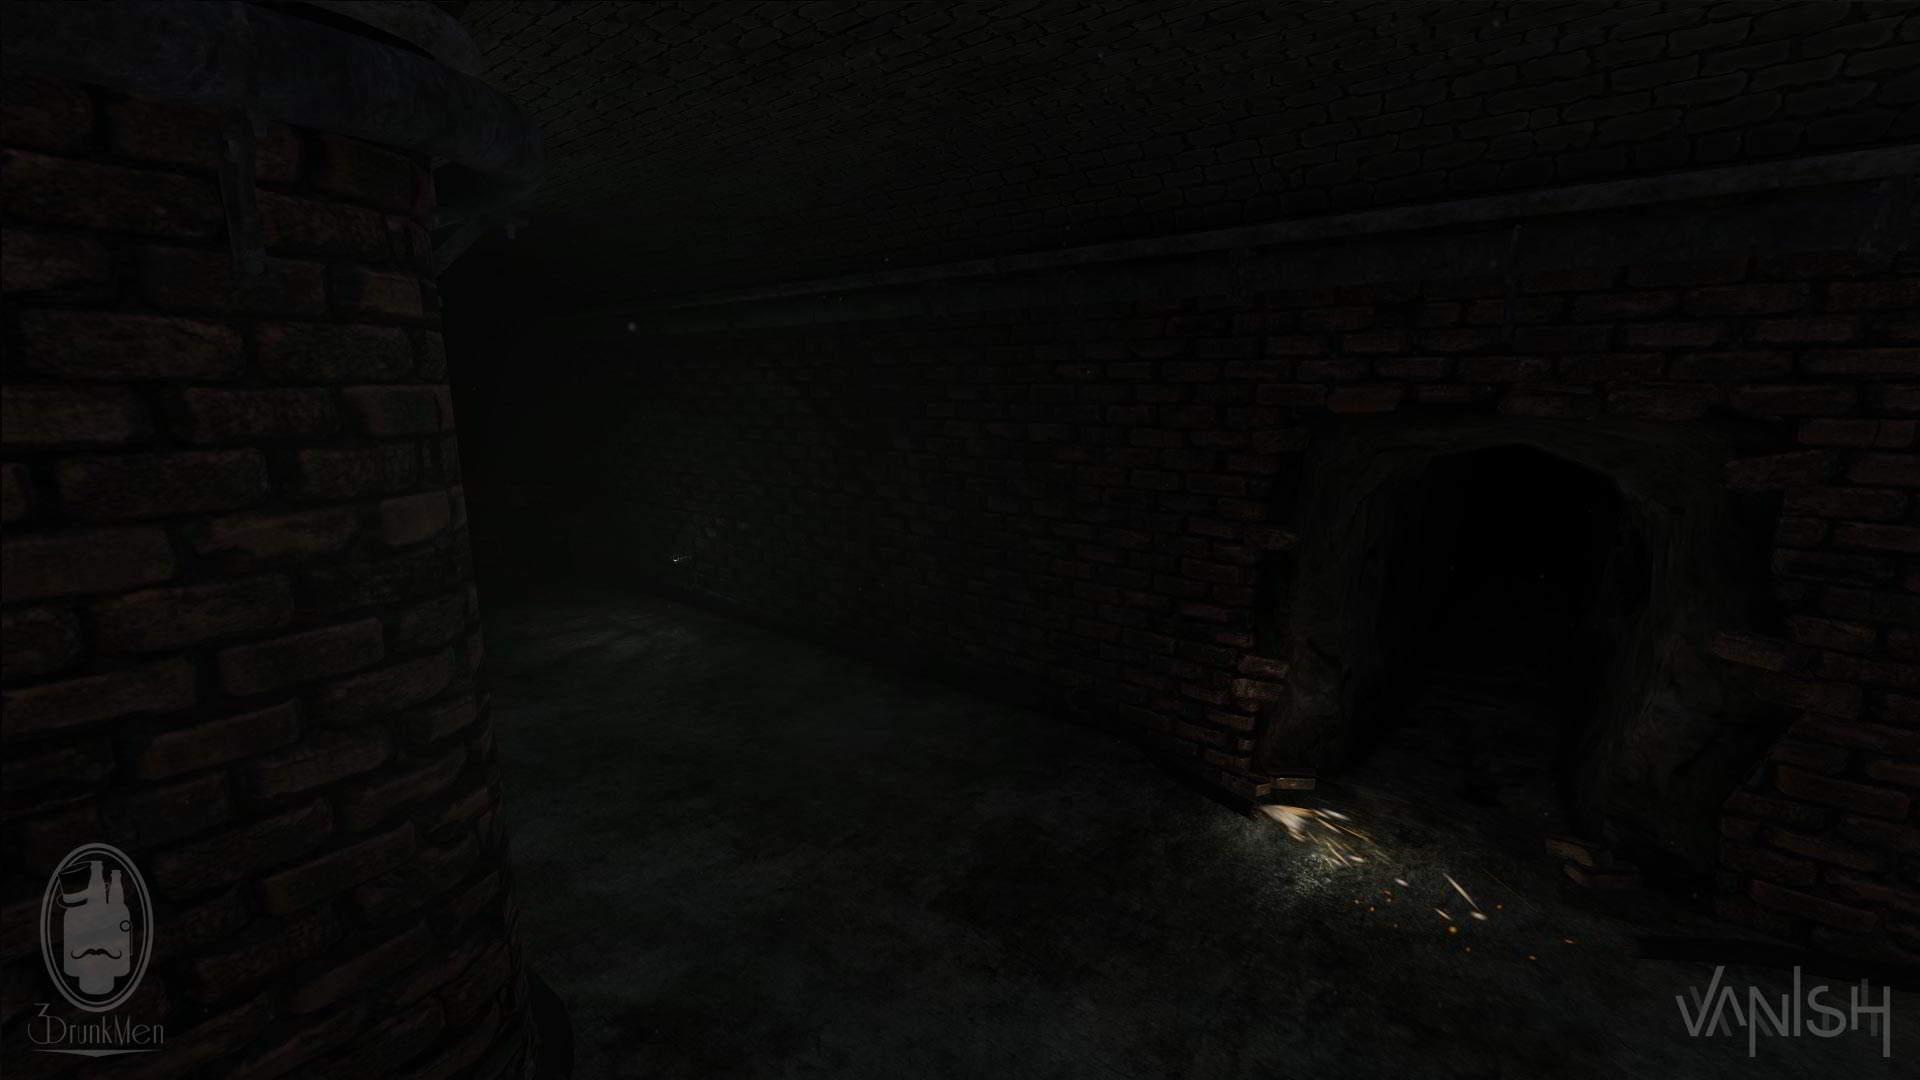 VANISH - Free Indie Horror Game by 3DrunkMen